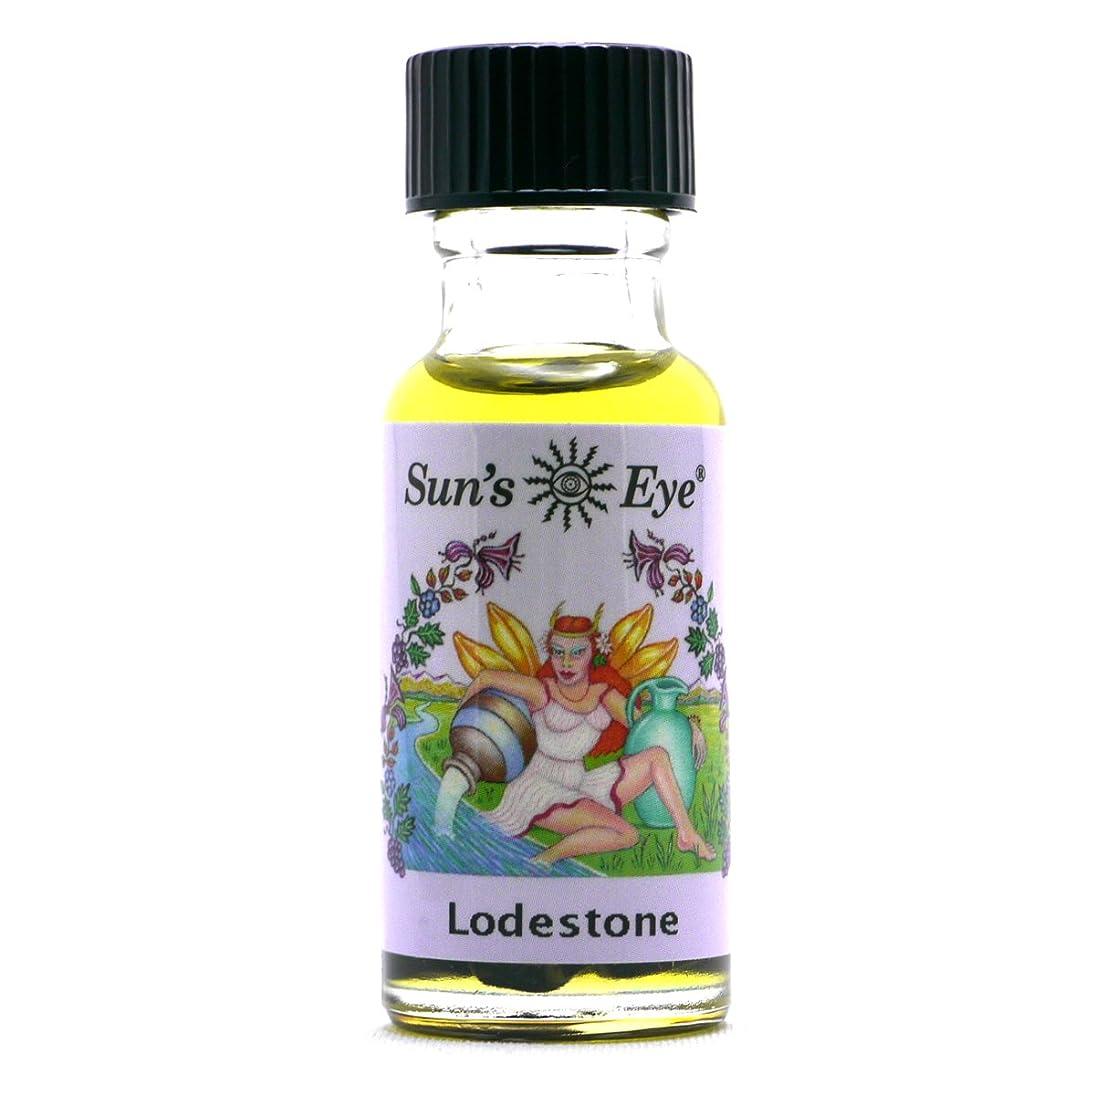 義務付けられた検閲異邦人【Sun'sEye サンズアイ】Mystic Blends(ミスティックブレンドオイル)Lodestone(ロードストーン 磁鉄鉱 欲しいものを引き寄せる)